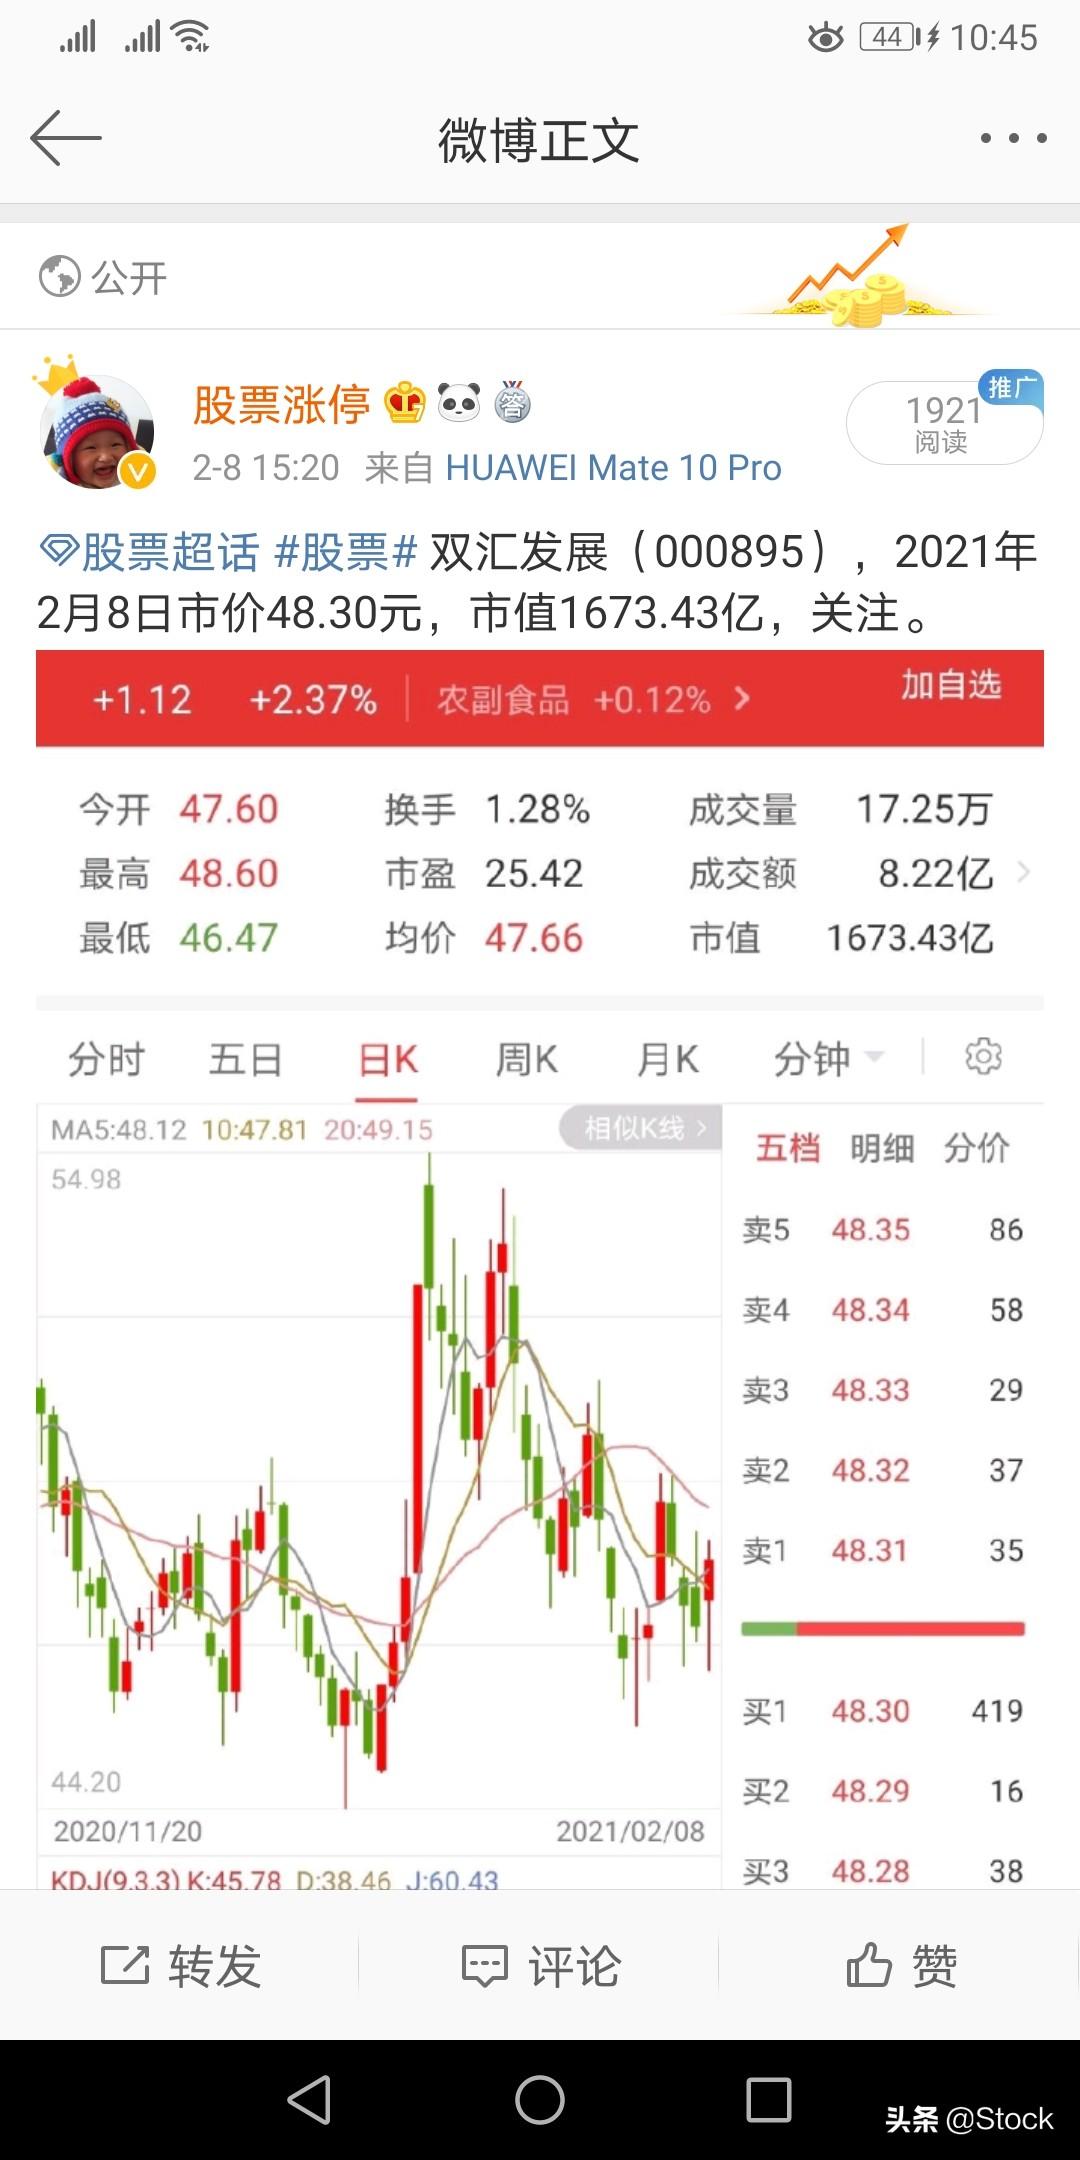 Stock曾经在微博上推荐过的股票:美的、招行、白药、伊利